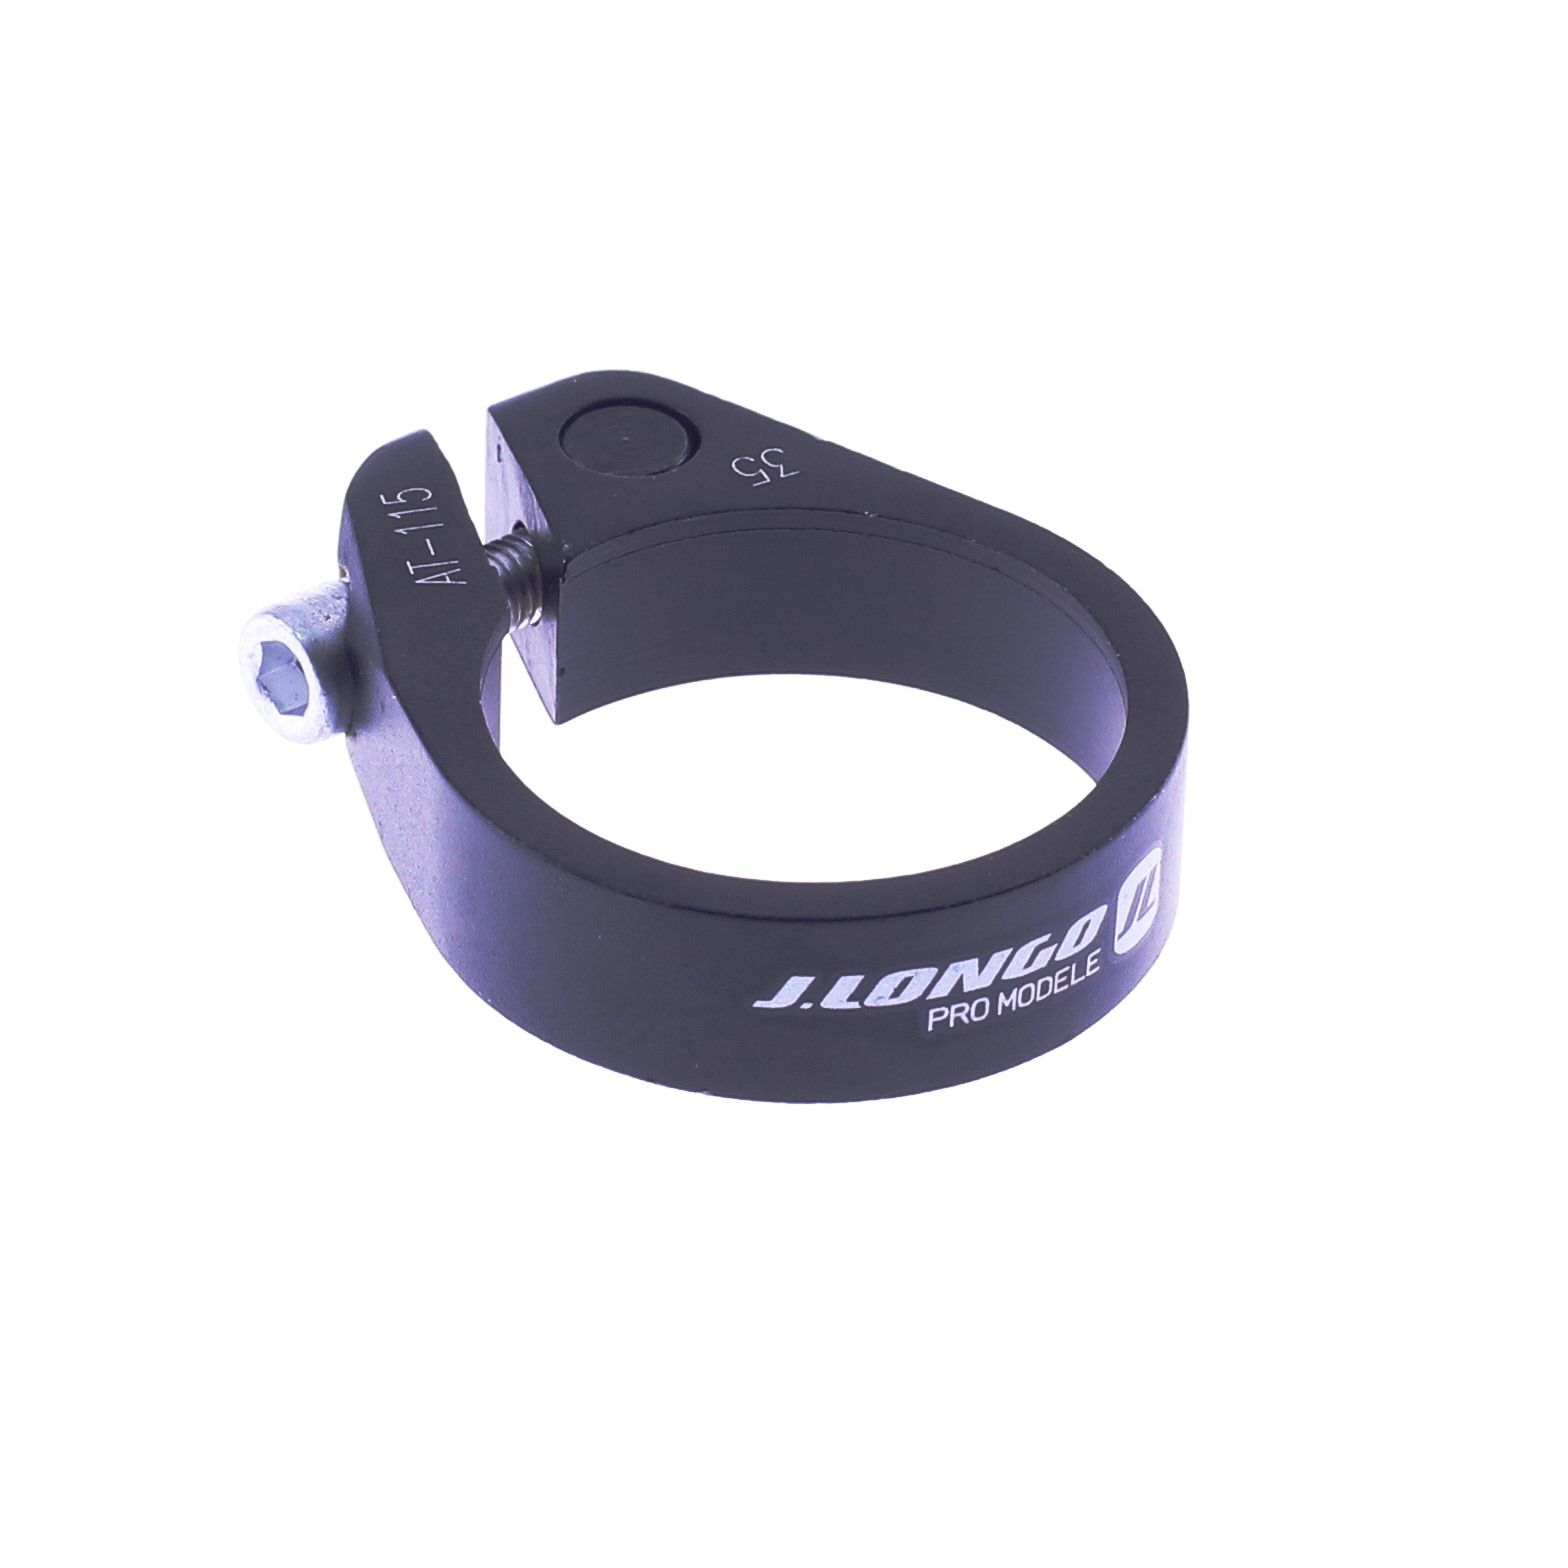 Collier de selle Alu J.Longo Pro modèle 34.9 mm Noir